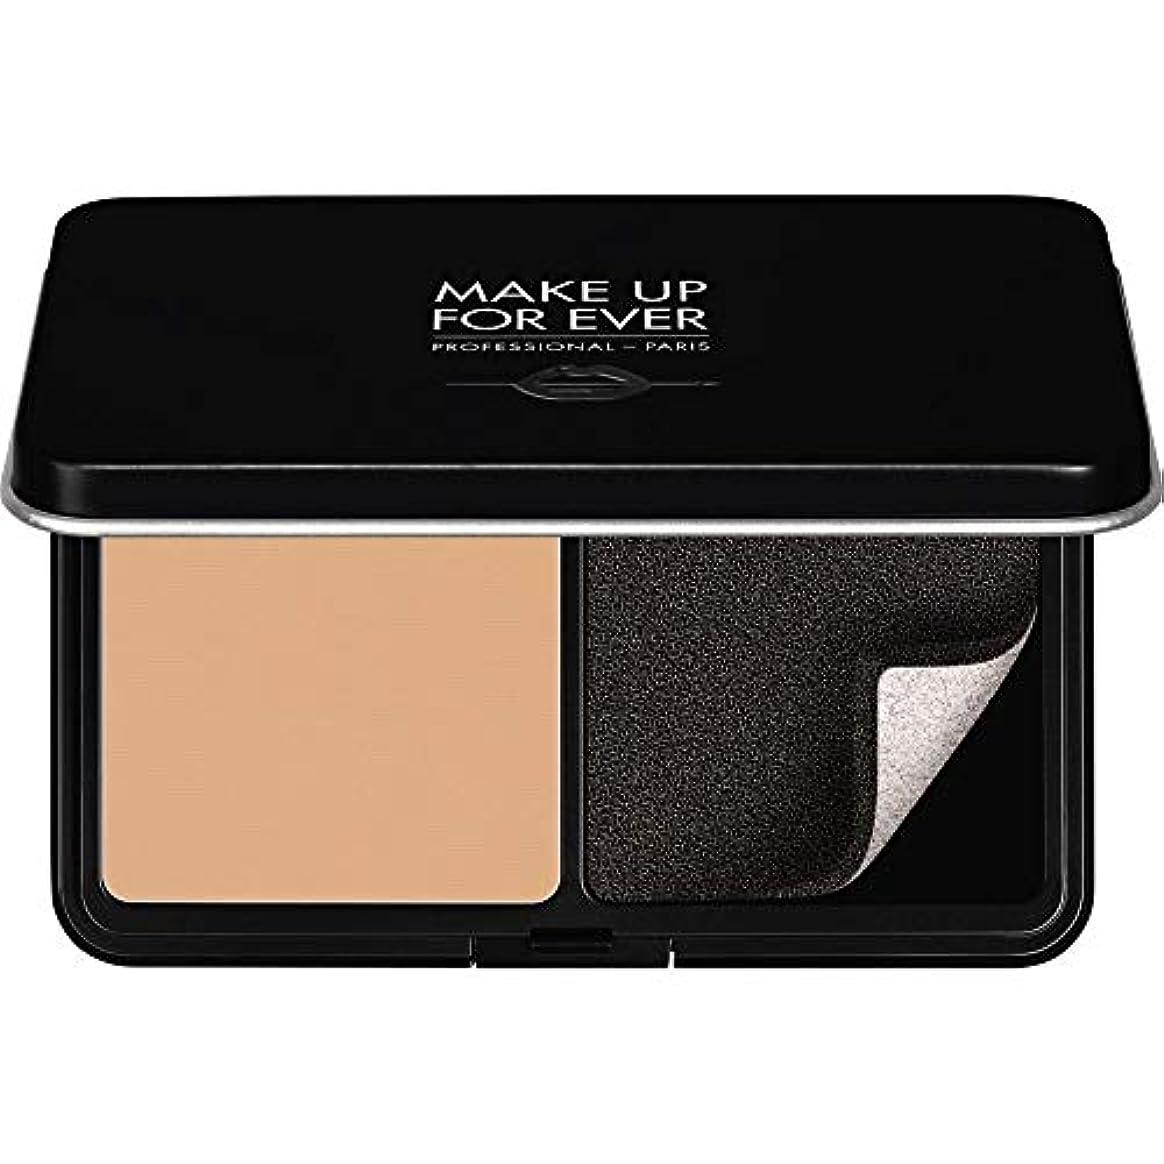 コマースボス圧縮[MAKE UP FOR EVER] パウダーファンデーション11GののR260をぼかし、これまでマットベルベットの肌を補う - ピンクベージュ - MAKE UP FOR EVER Matte Velvet Skin...